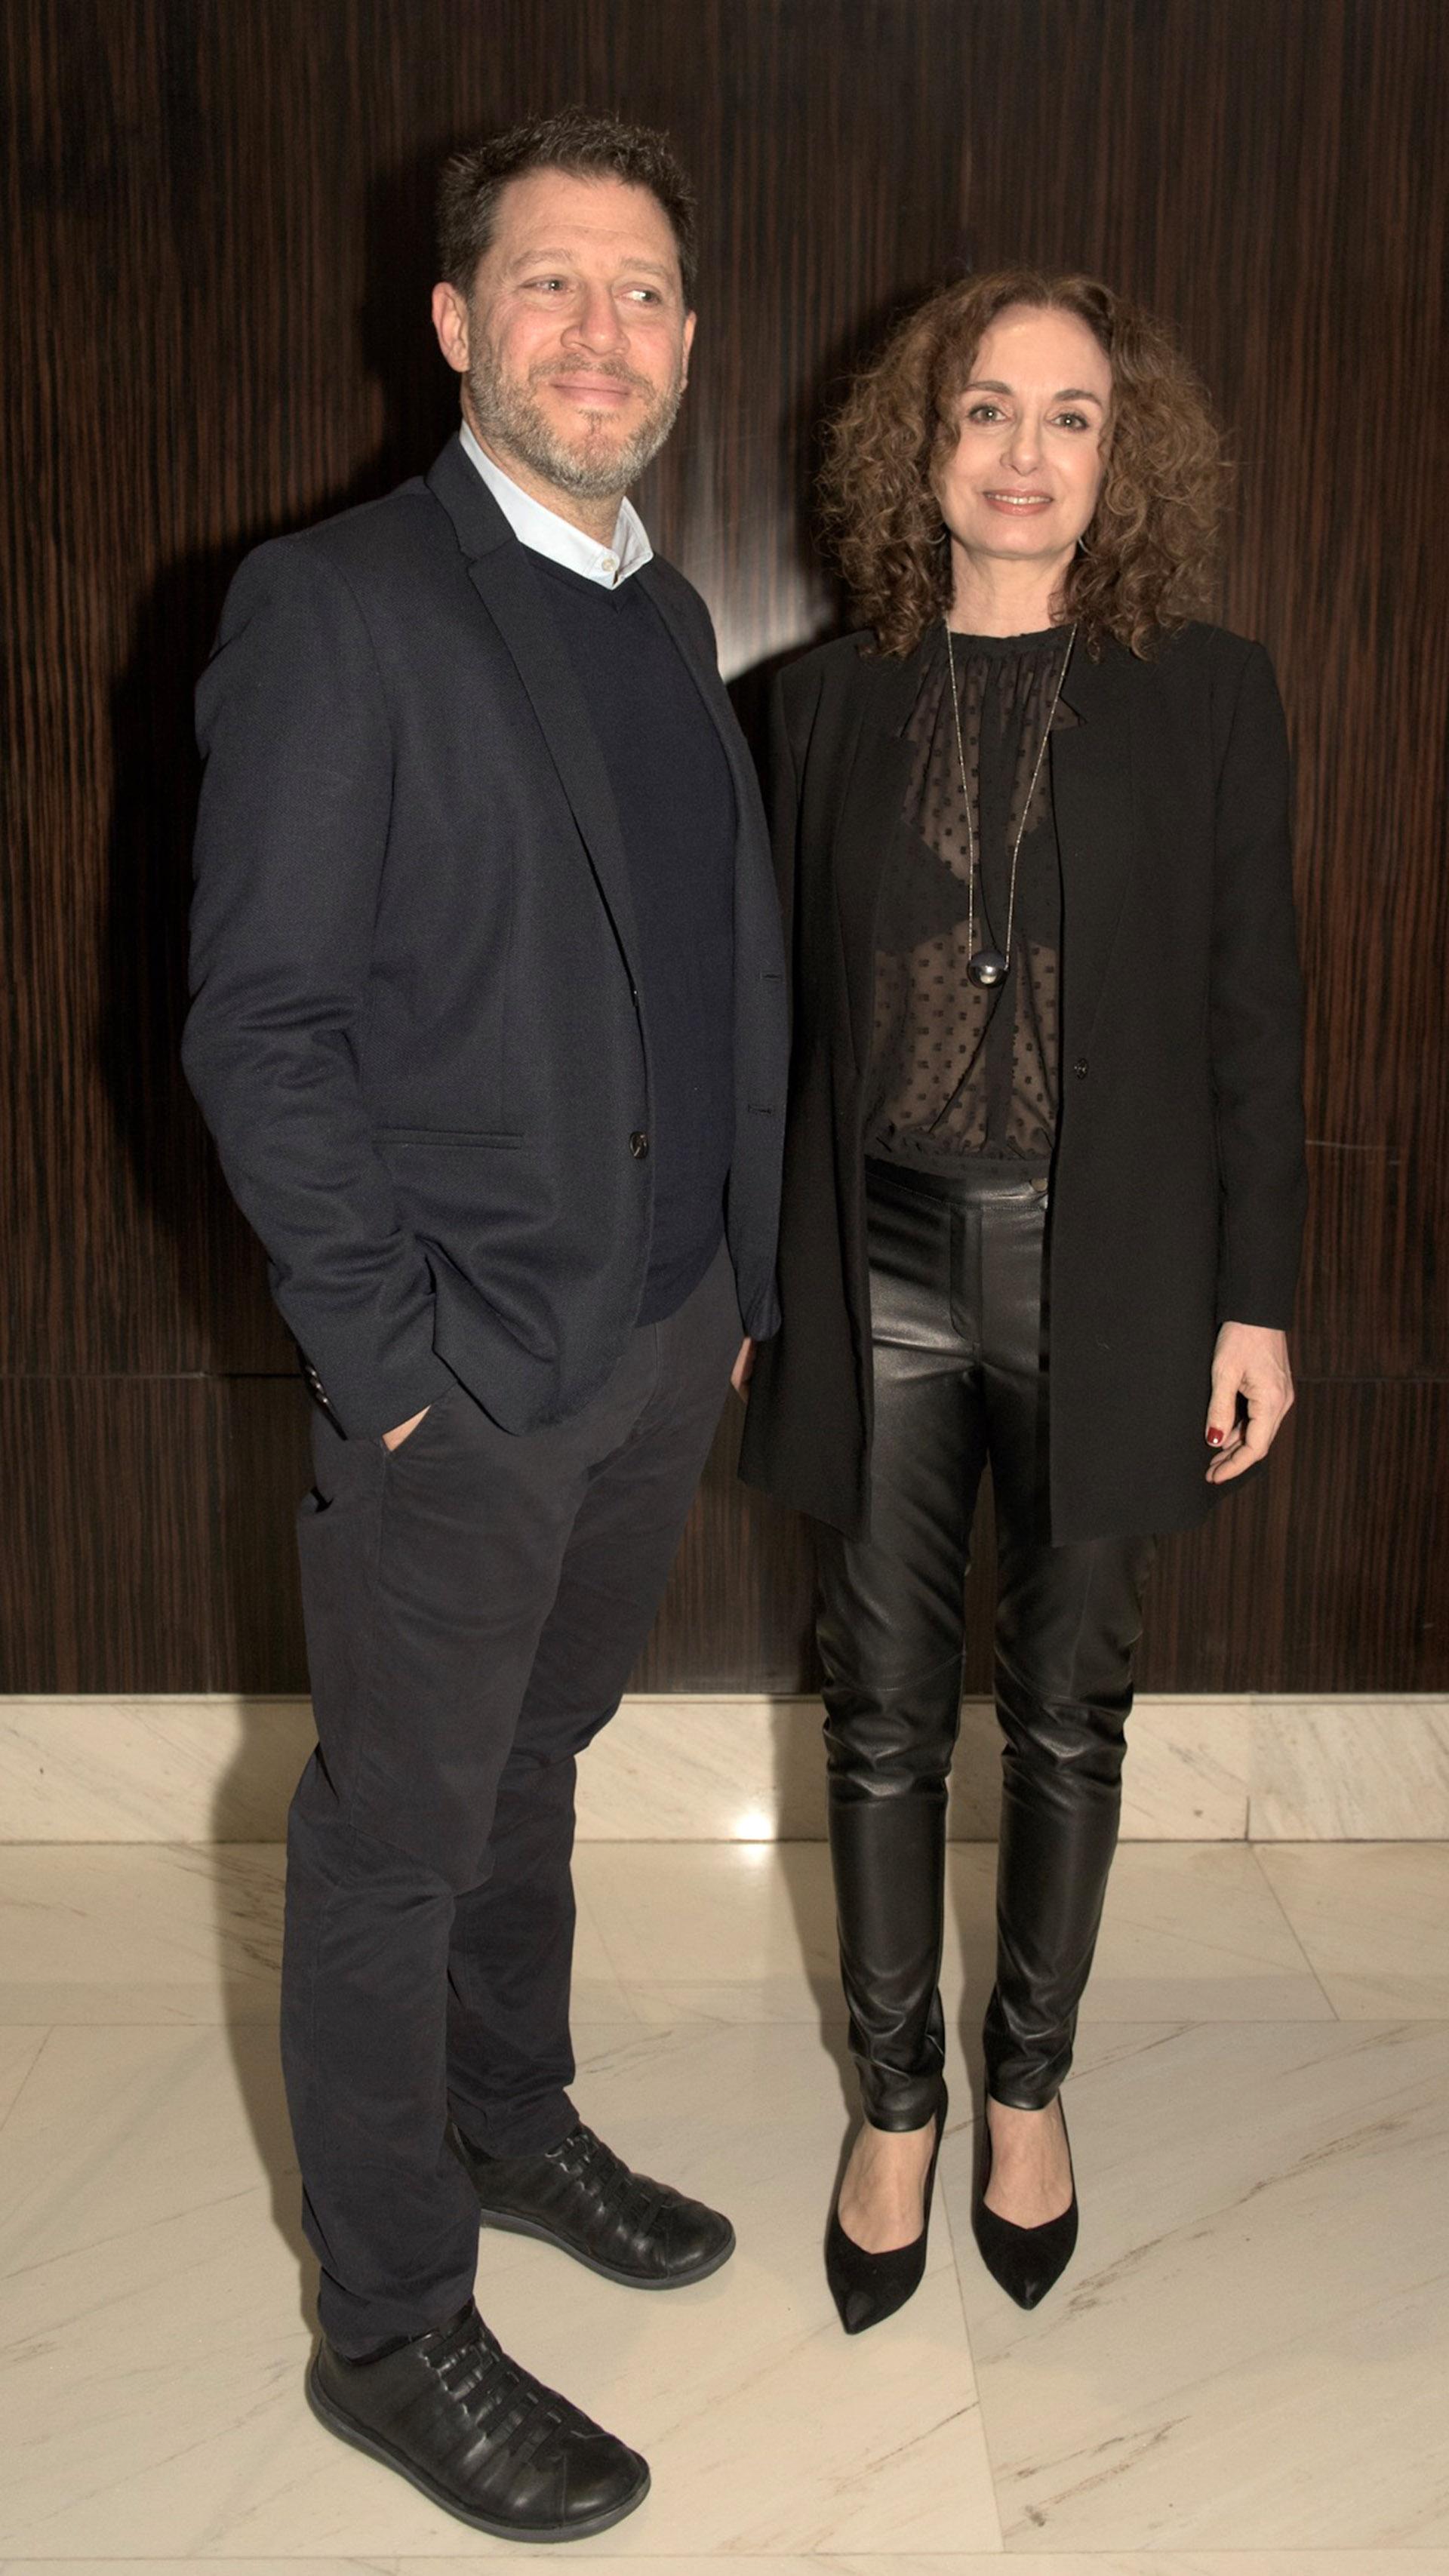 La diseñadora de interiores argentina, Gabi López junto al director de Mediamorfosis, Damián Kirzner.